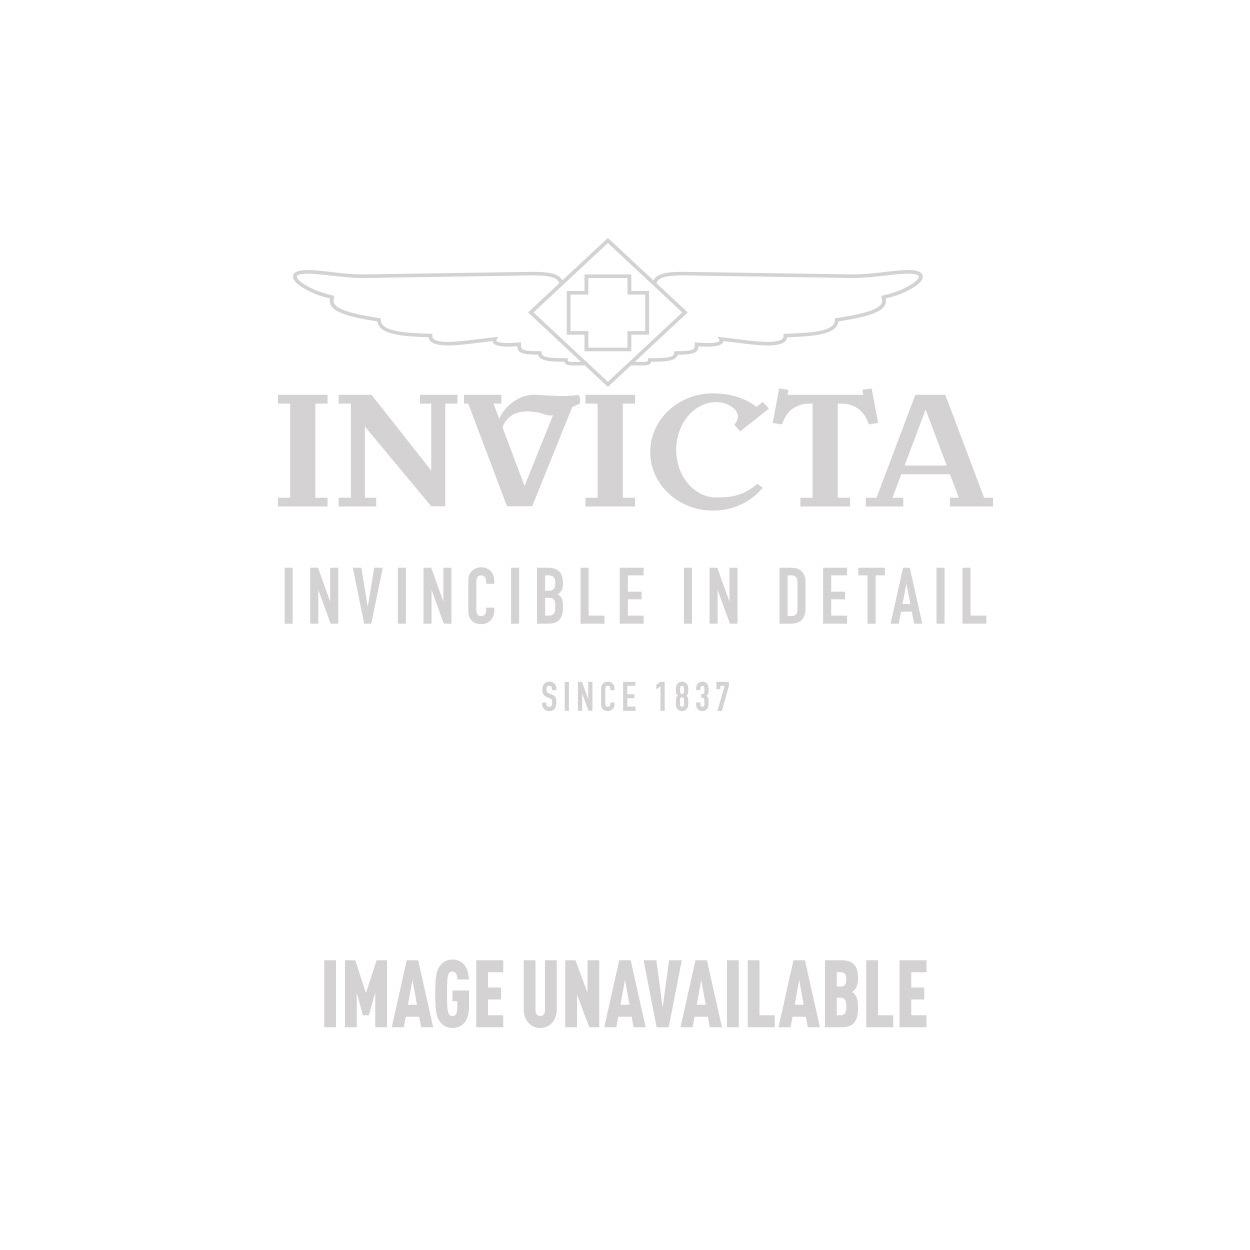 Invicta Model 29188